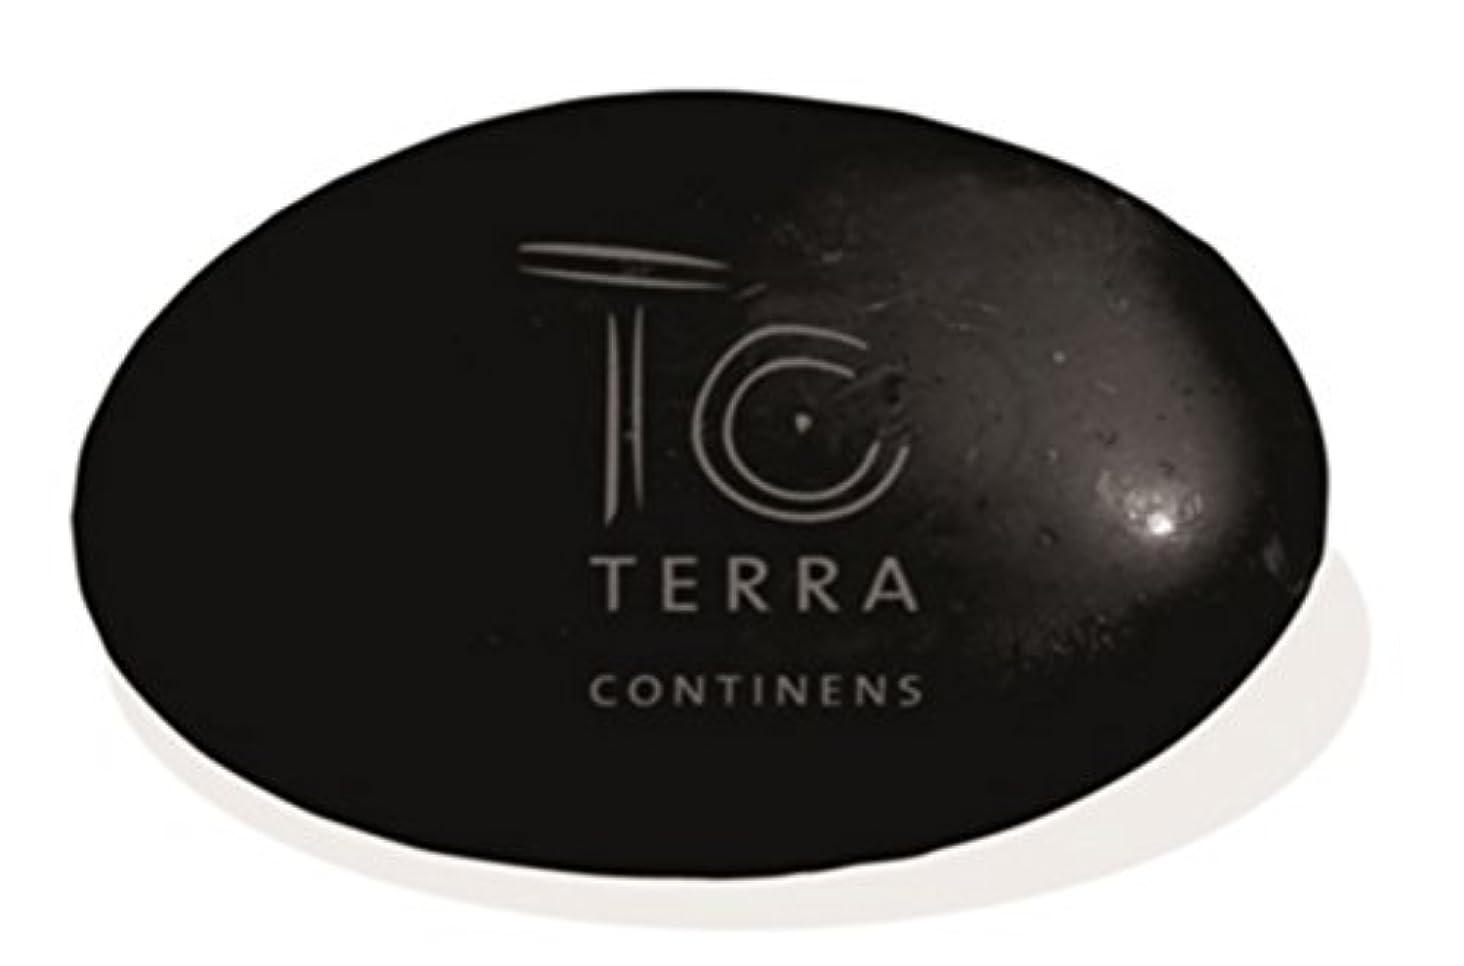 巨大な高速道路肯定的TERRA CONTINENS(テラコンティナンス) ソープ 75g 「カナック」 3760067360024